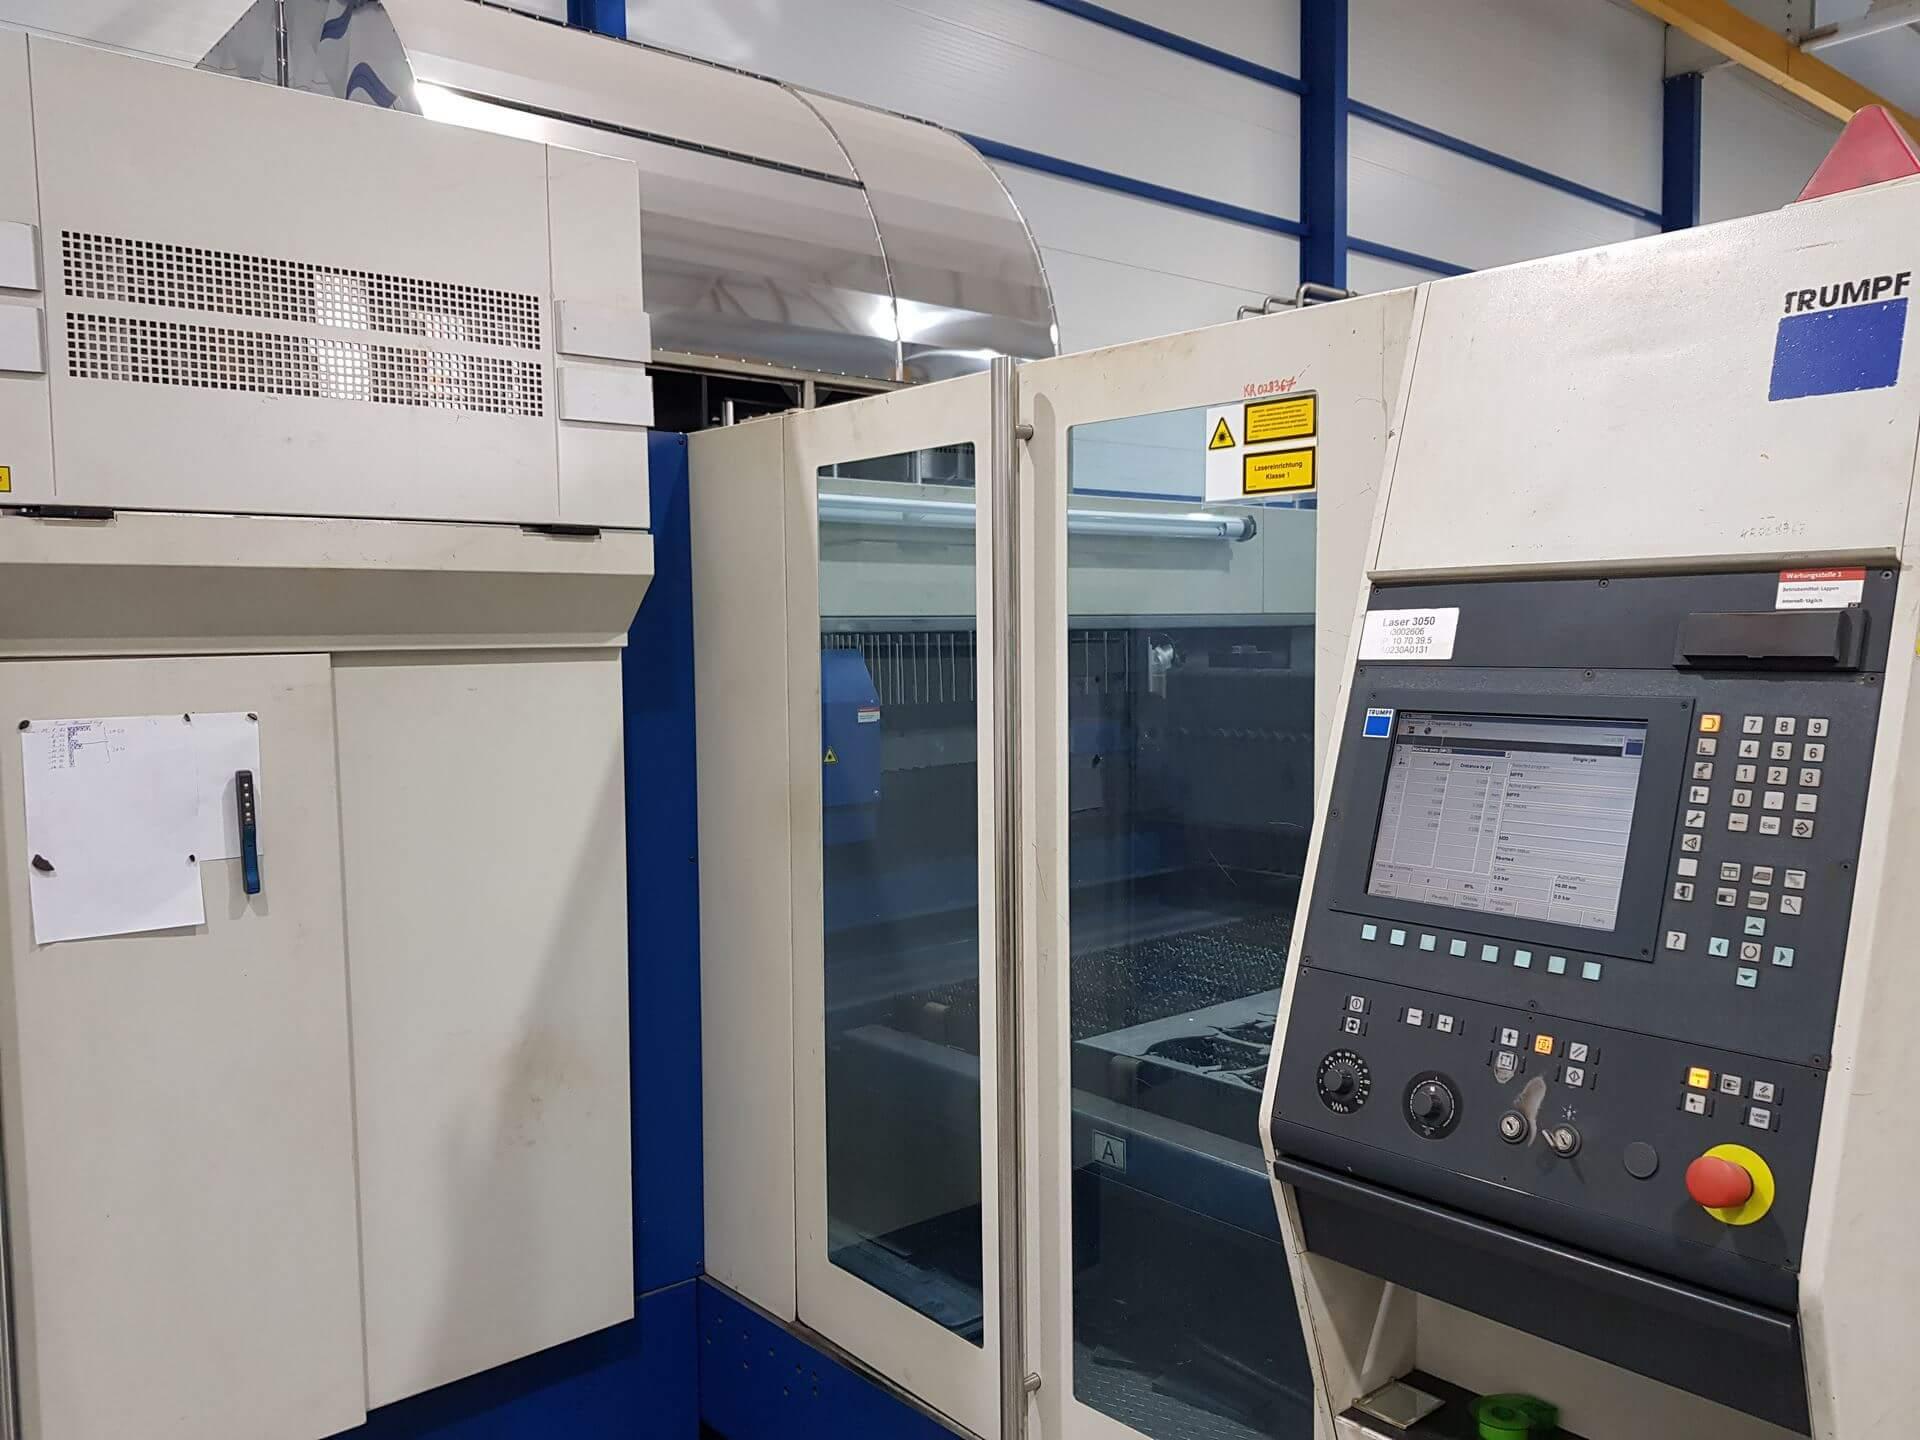 Trumpf Trumatic L3030  (Deutscher Laserkomplex)